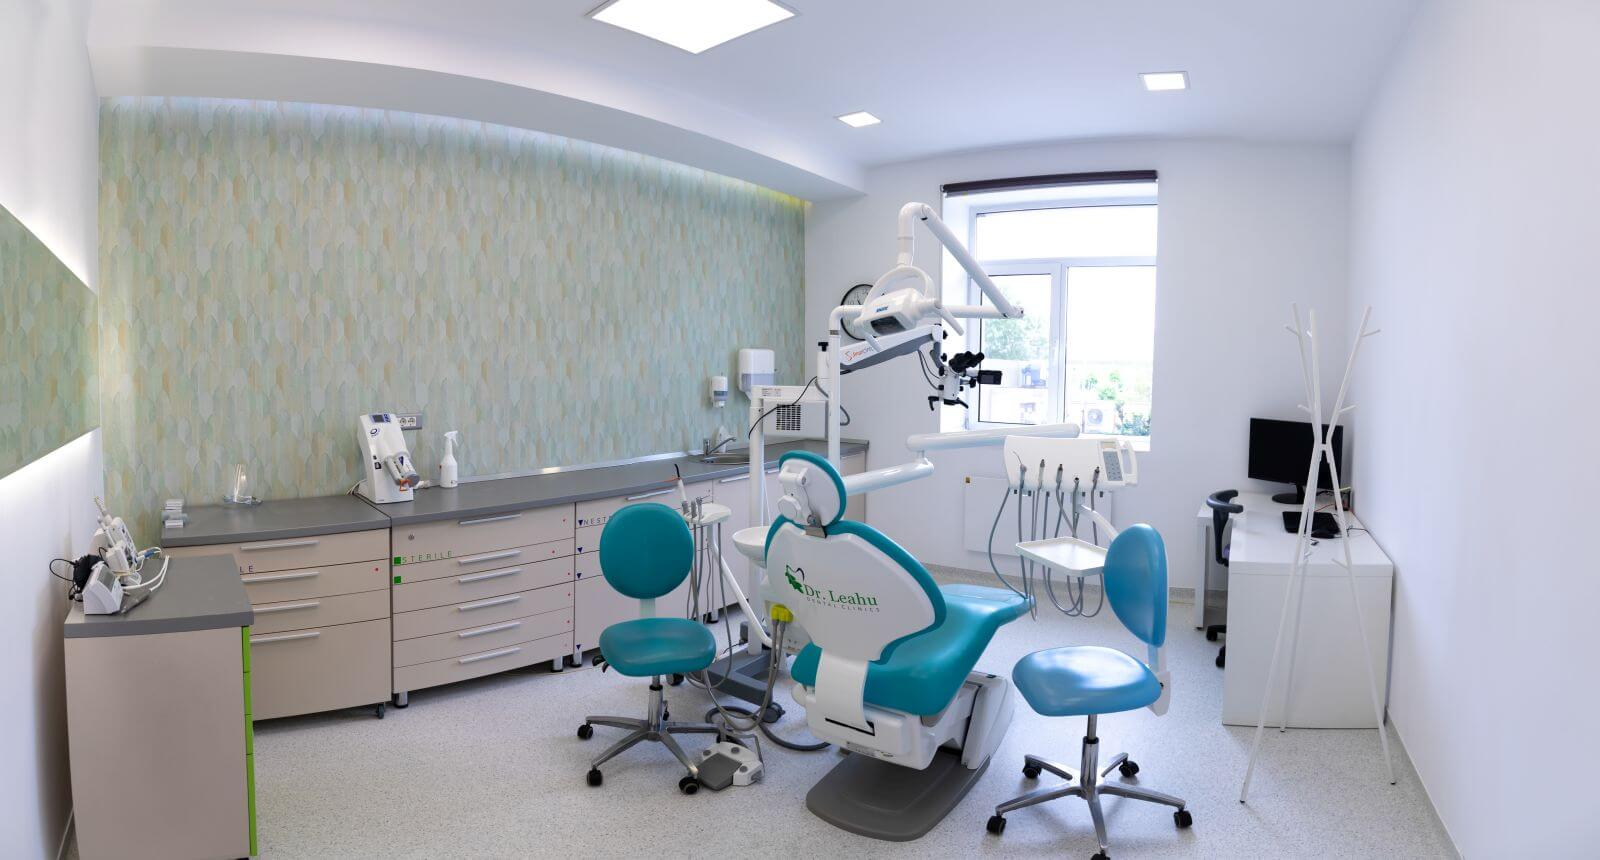 Cabinet dentar modern din clinica stomatologica Dr. Leahu Rin Grand Hotel, sector 4, Vitan, Bucuresti